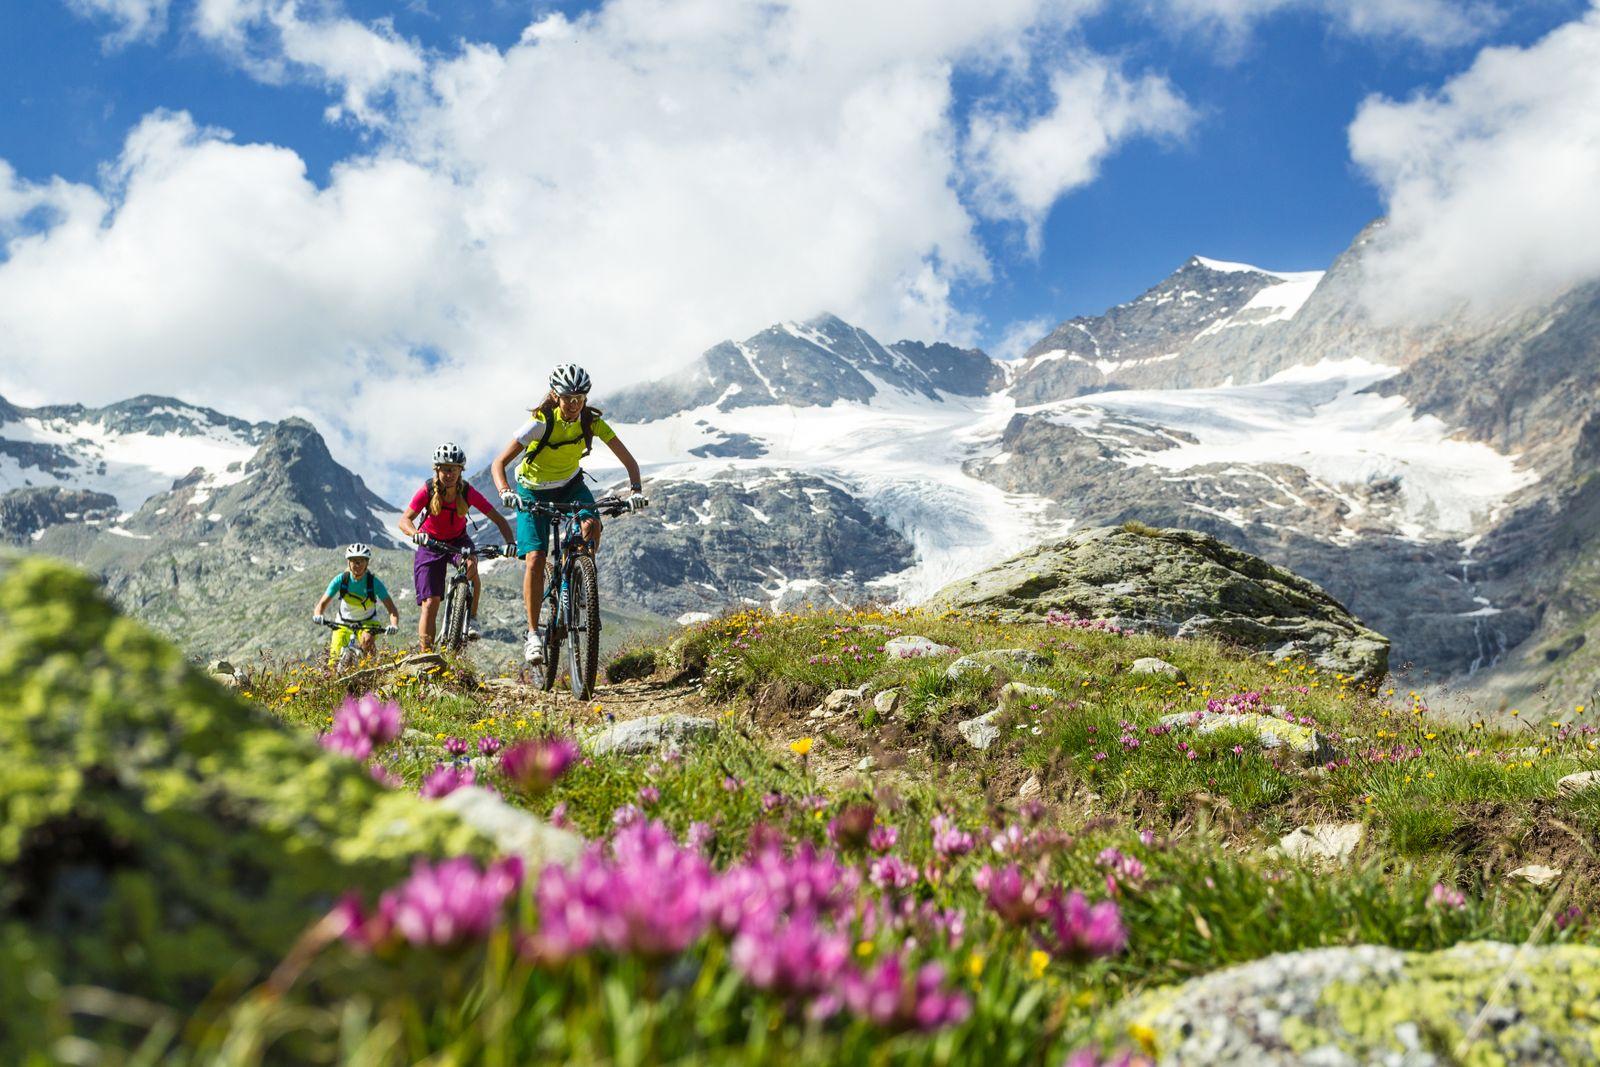 EINMALIGE VERWENDUNG Engadin St. Moritz: Mountainbikerinnen auf dem Bernina - Express